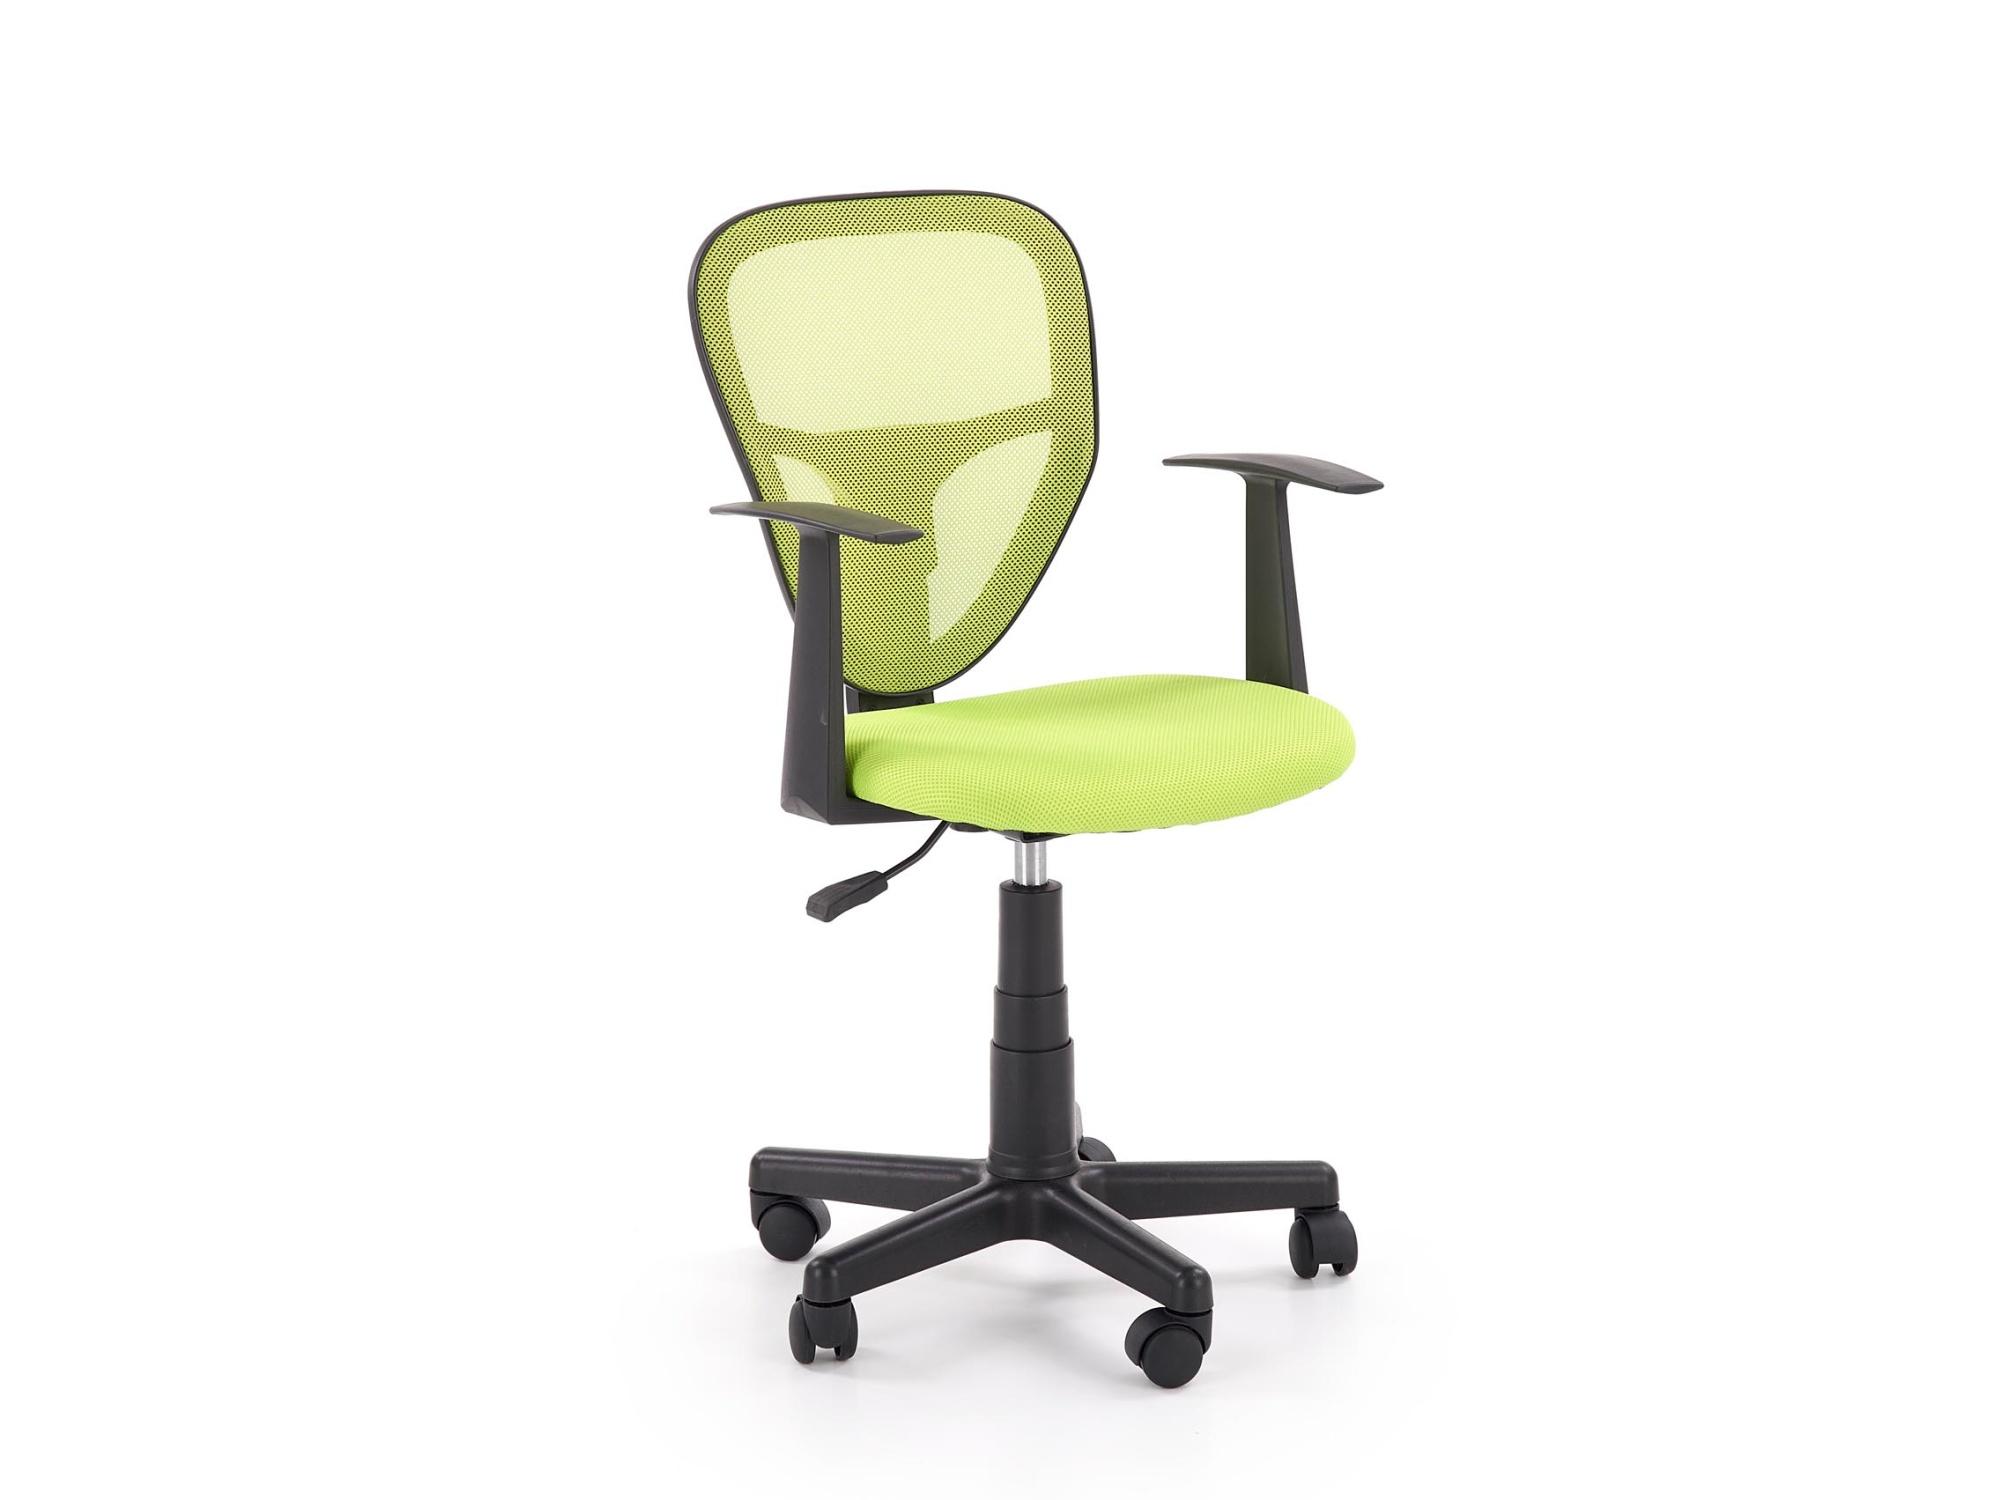 Dětská kancelářská židle SPIKER, zelená